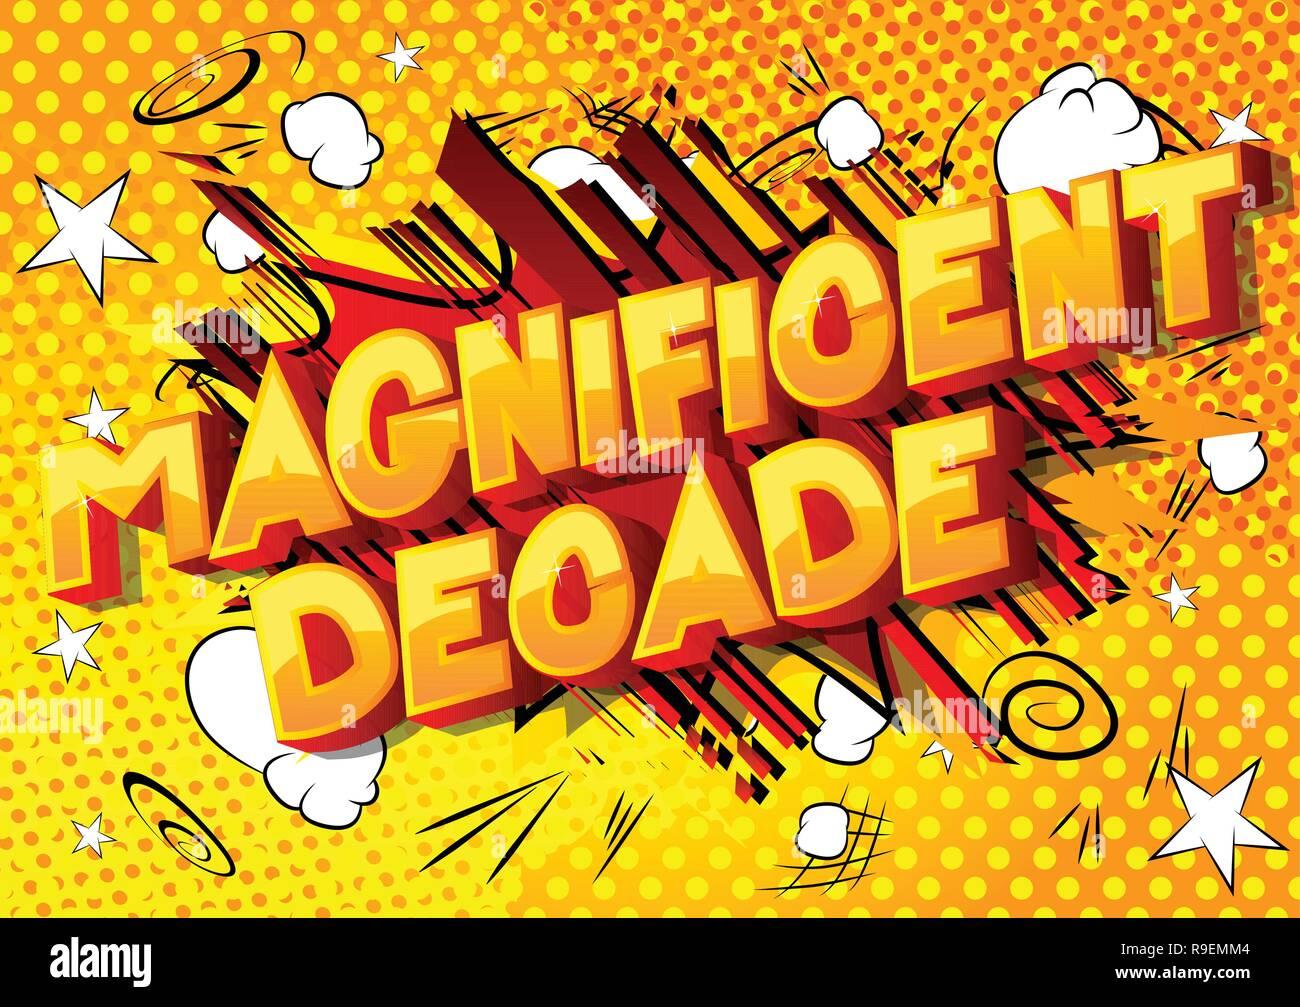 Herrliche Dekade - Vektor illustrierte Comic Stil Phrase auf abstrakten Hintergrund. Stockbild